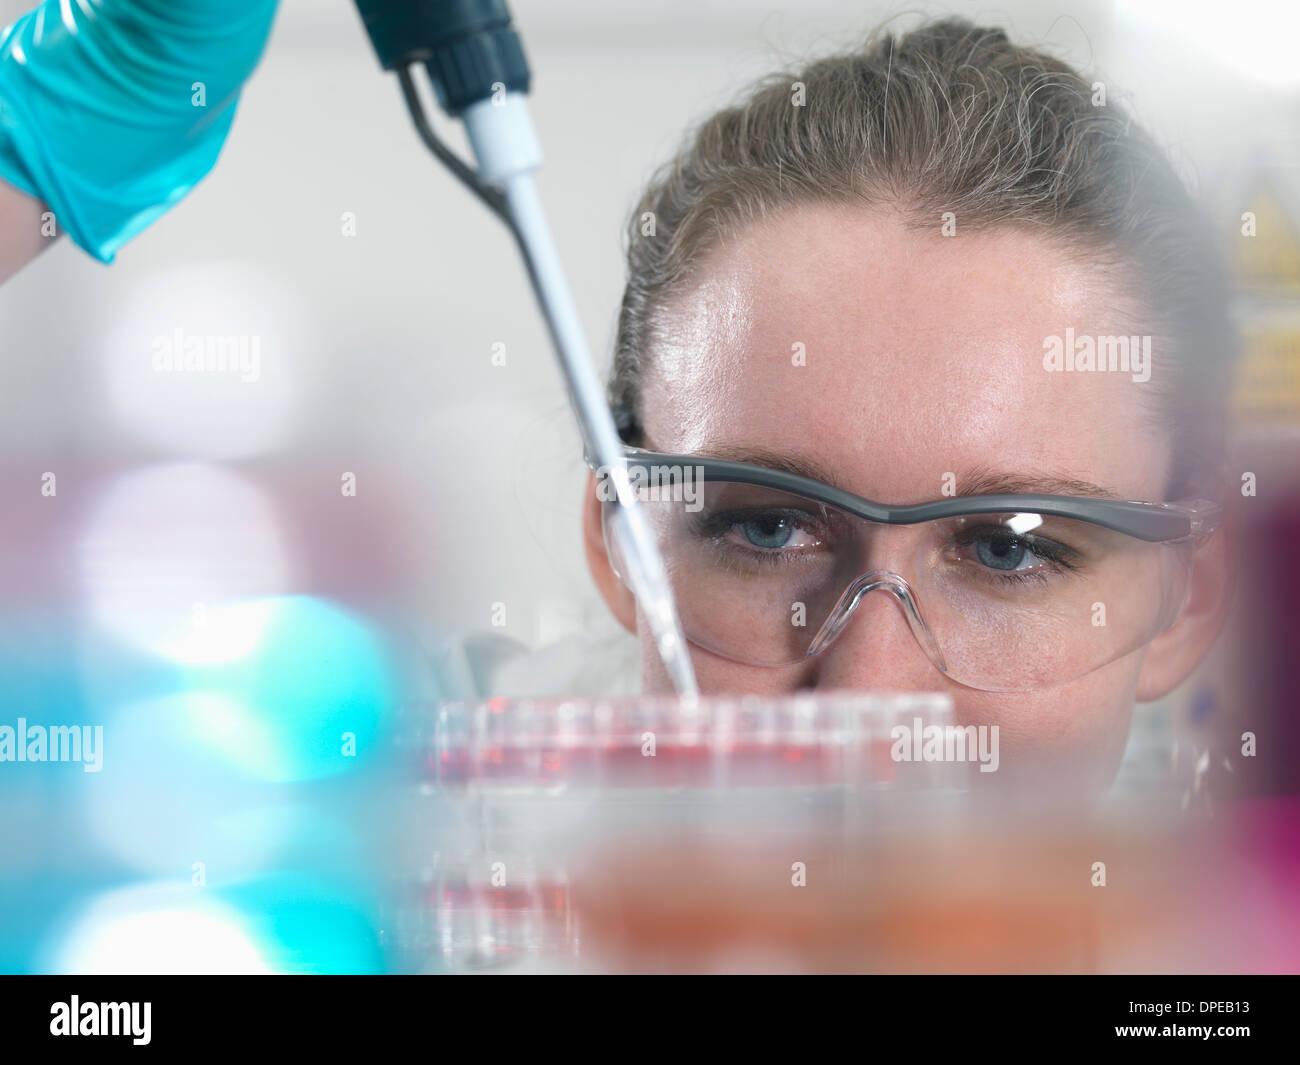 Scienziato di pipettaggio di cellule staminali culture nel vassoio per la ricerca farmaceutica Immagini Stock